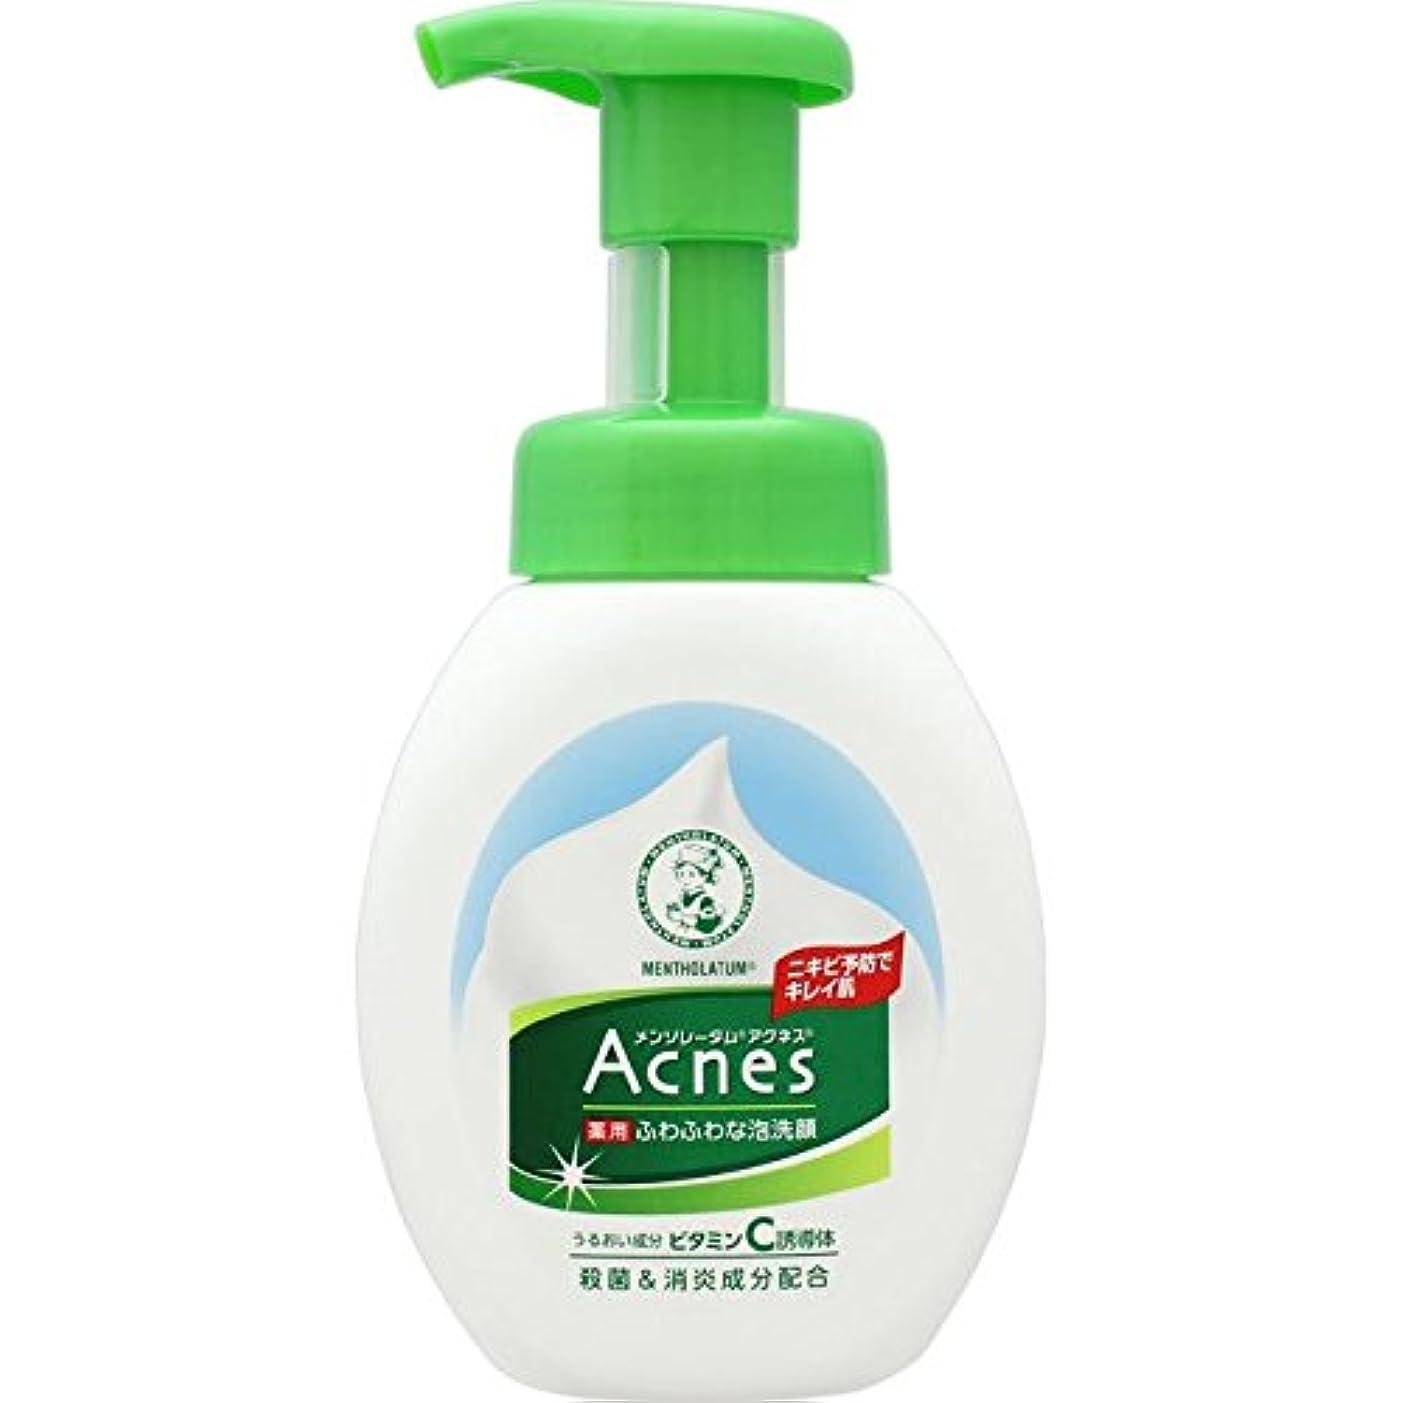 相対サイズコードレス実験的Acnes(アクネス) 薬用ふわふわな泡洗顔 160mL【医薬部外品】